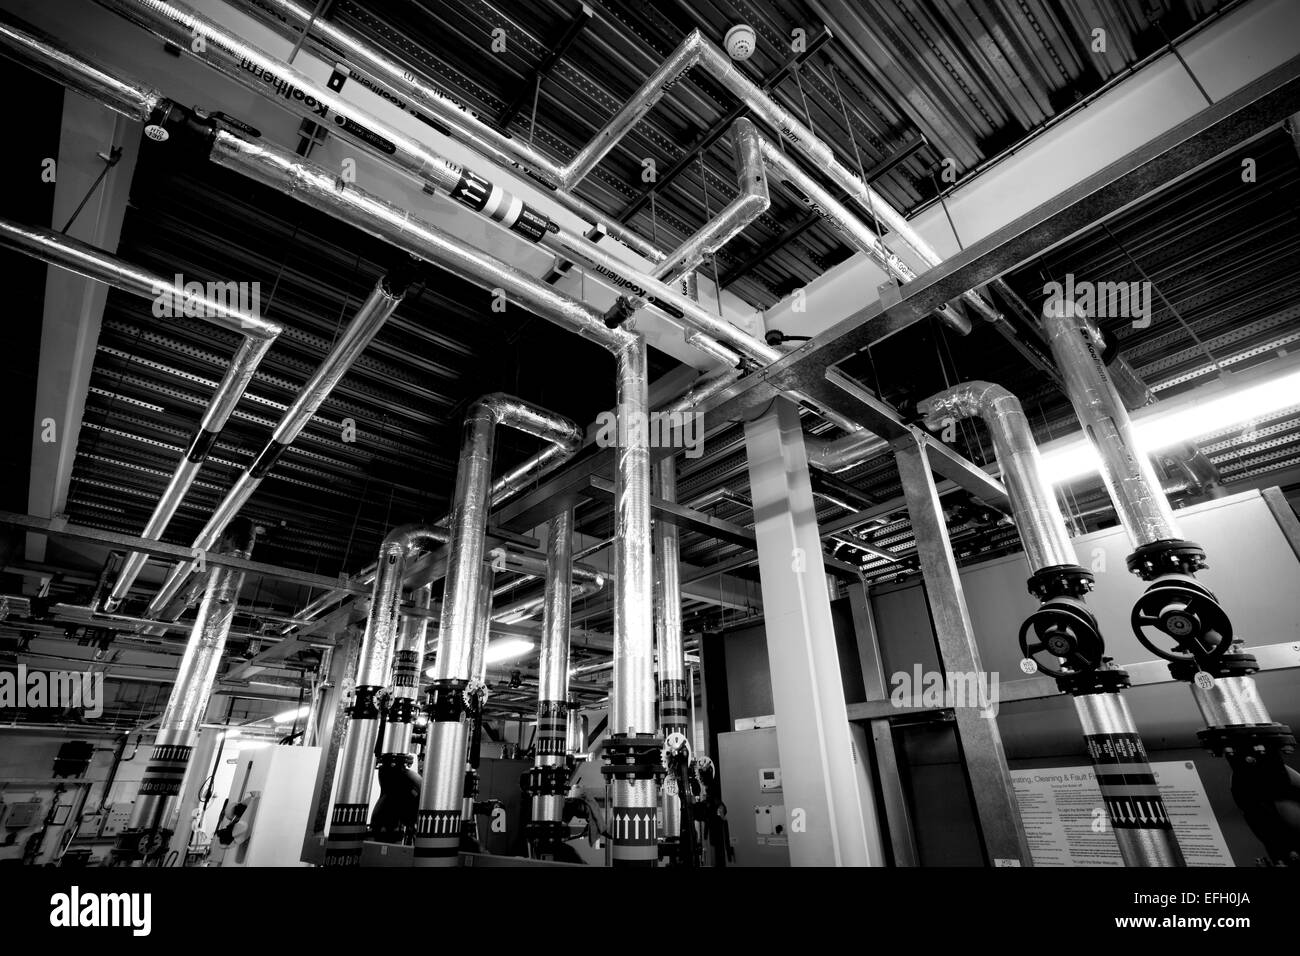 Biomasse Kessel und industrielle Rohrleitungen in Biomasse-kraftwerk ...